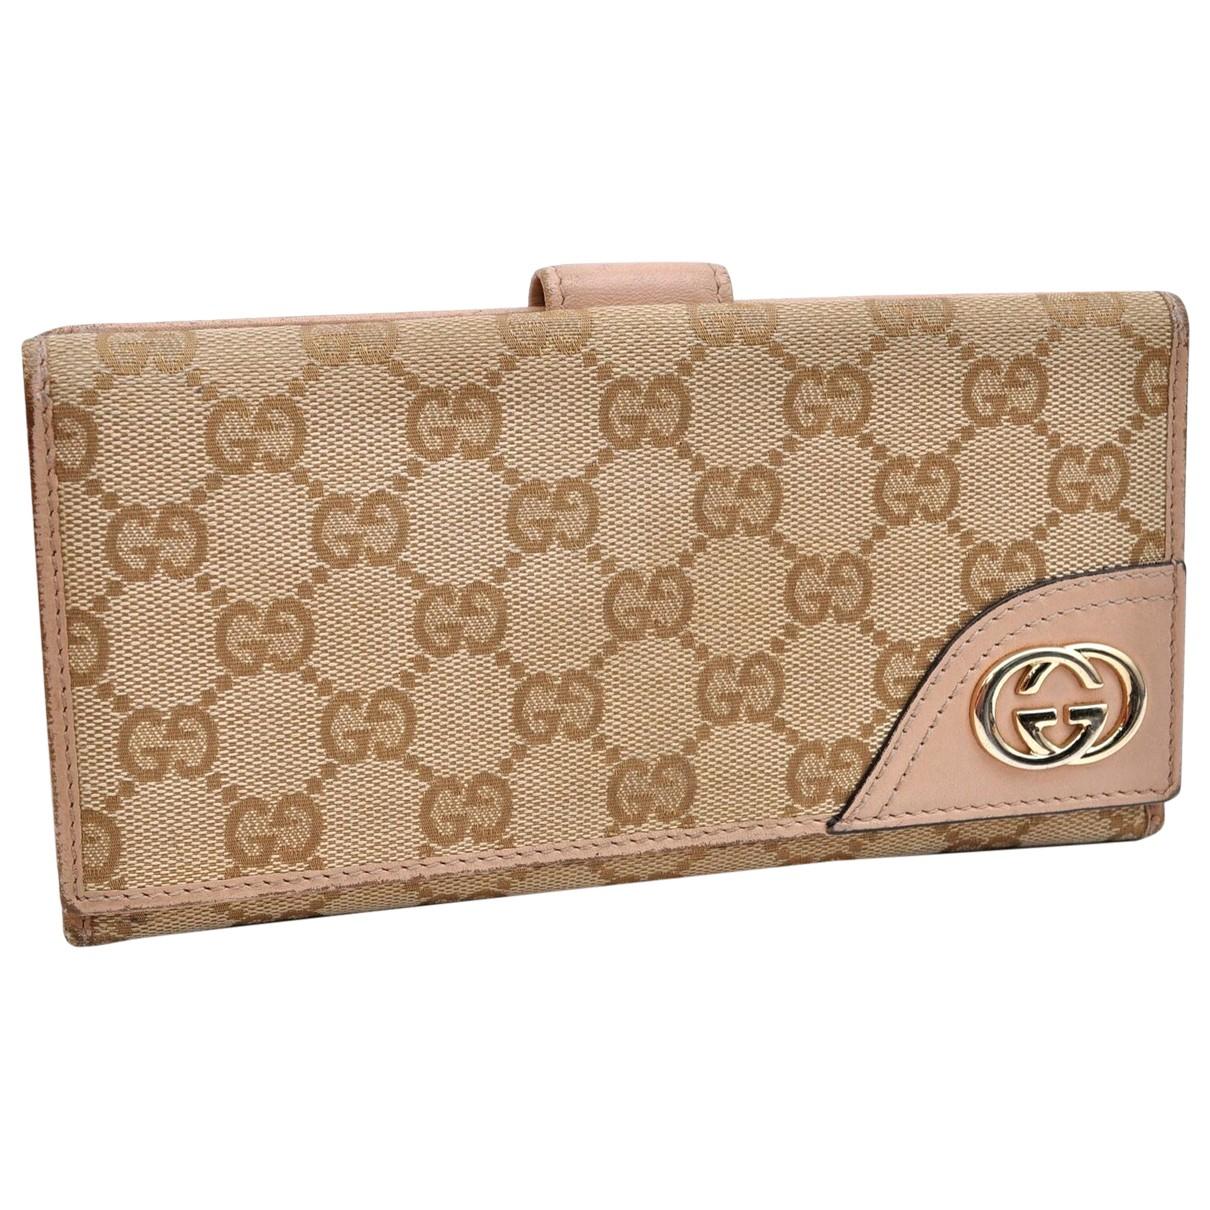 Gucci \N Beige wallet for Women \N